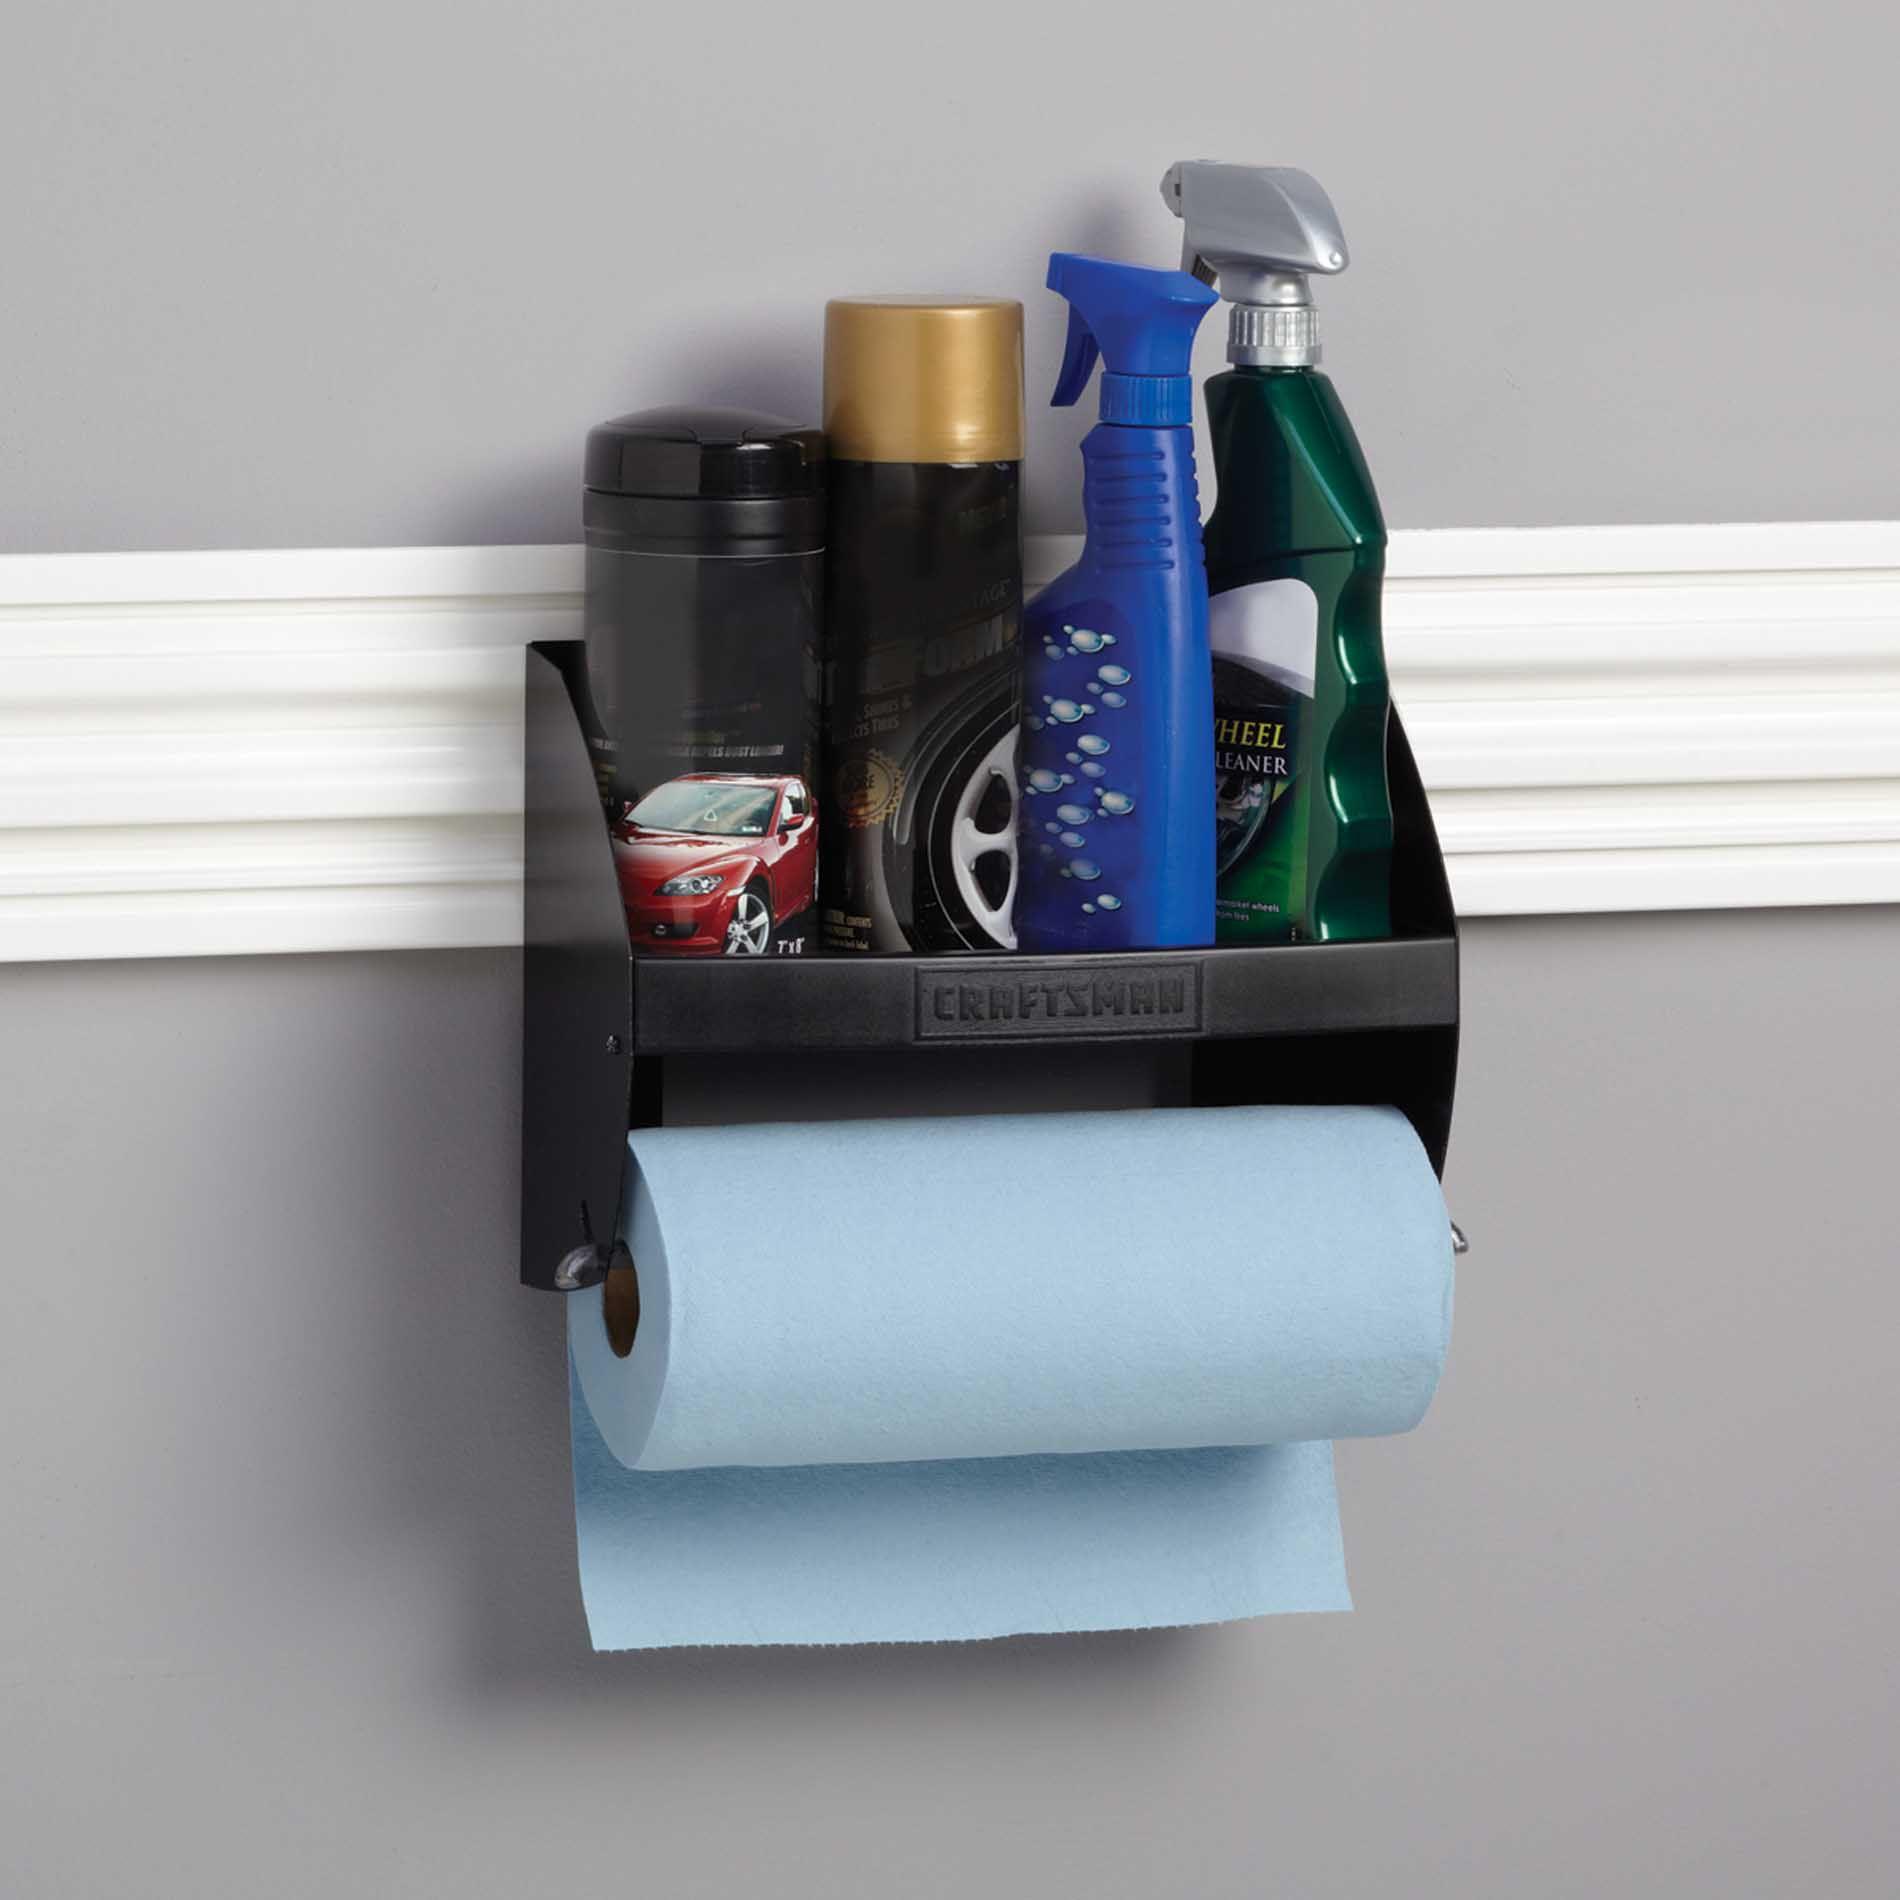 Craftsman Hooktite Paper Towel Holder For VersaTrack